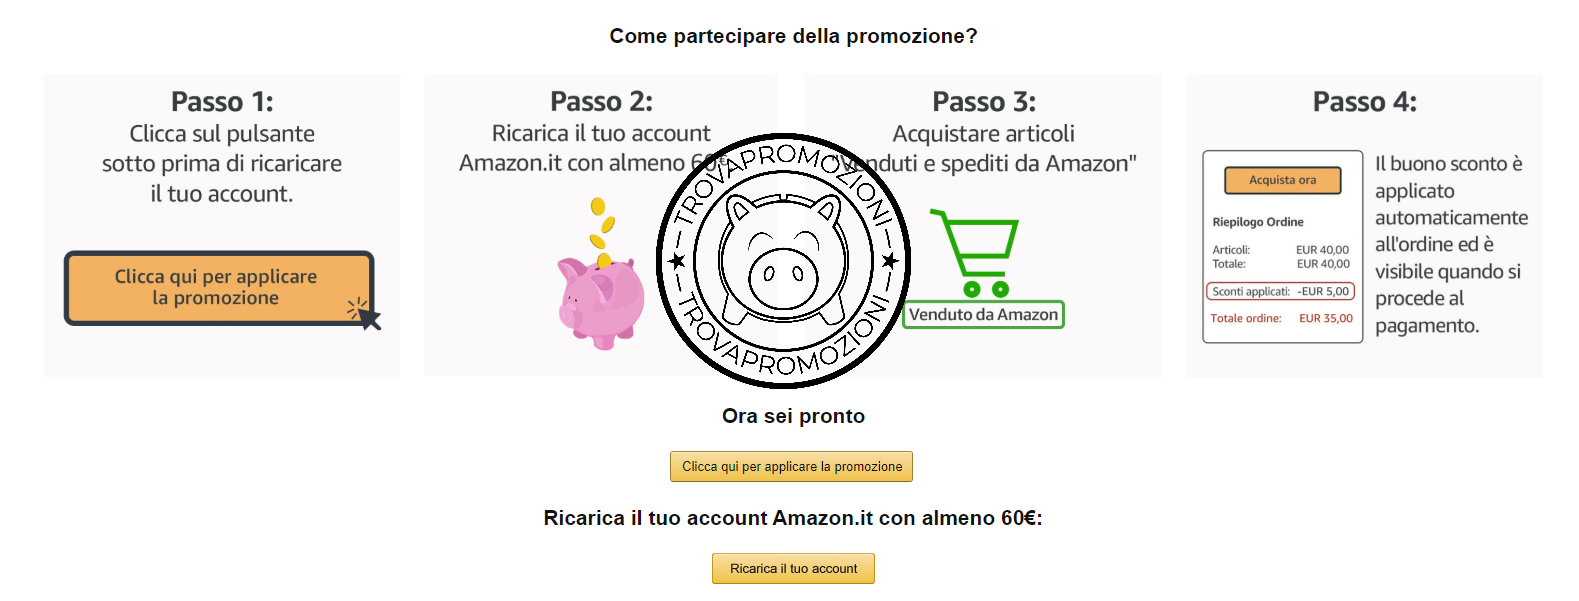 04f0dc2ccf17ba Ricarica il tuo account Amazon con 60€ e ricevi un buono sconto di 5 ...